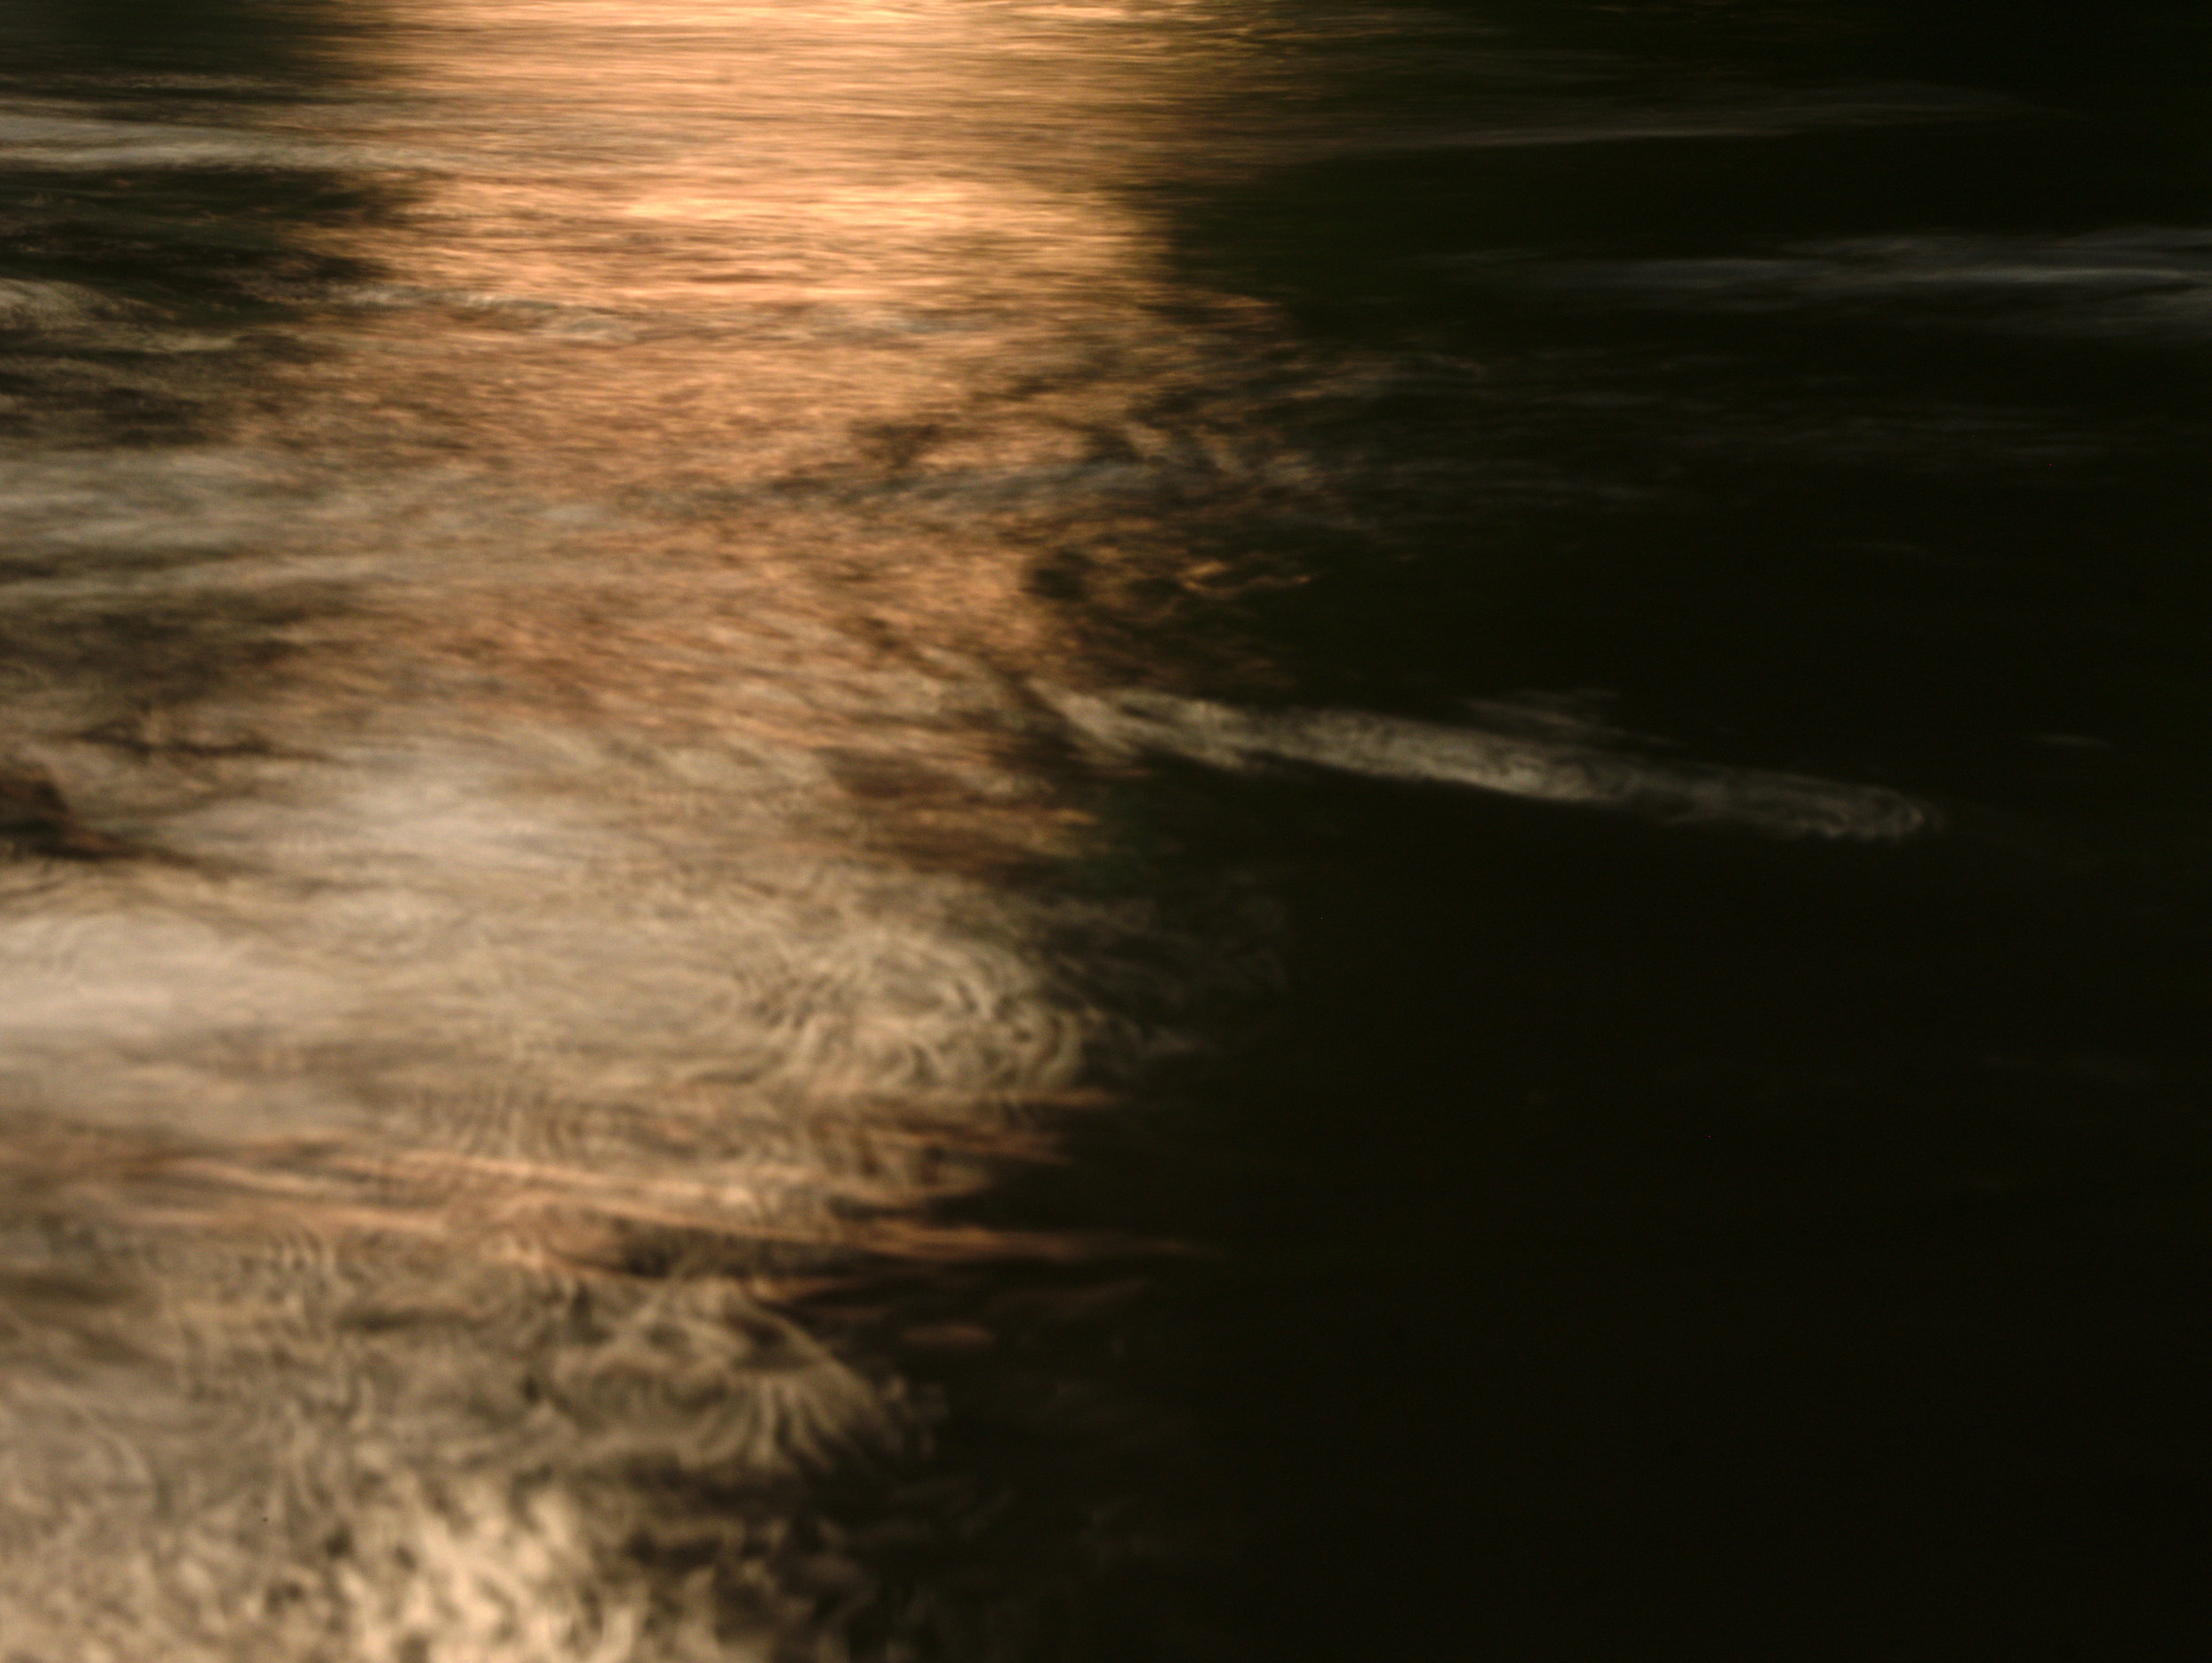 river_sunset_010.jpg